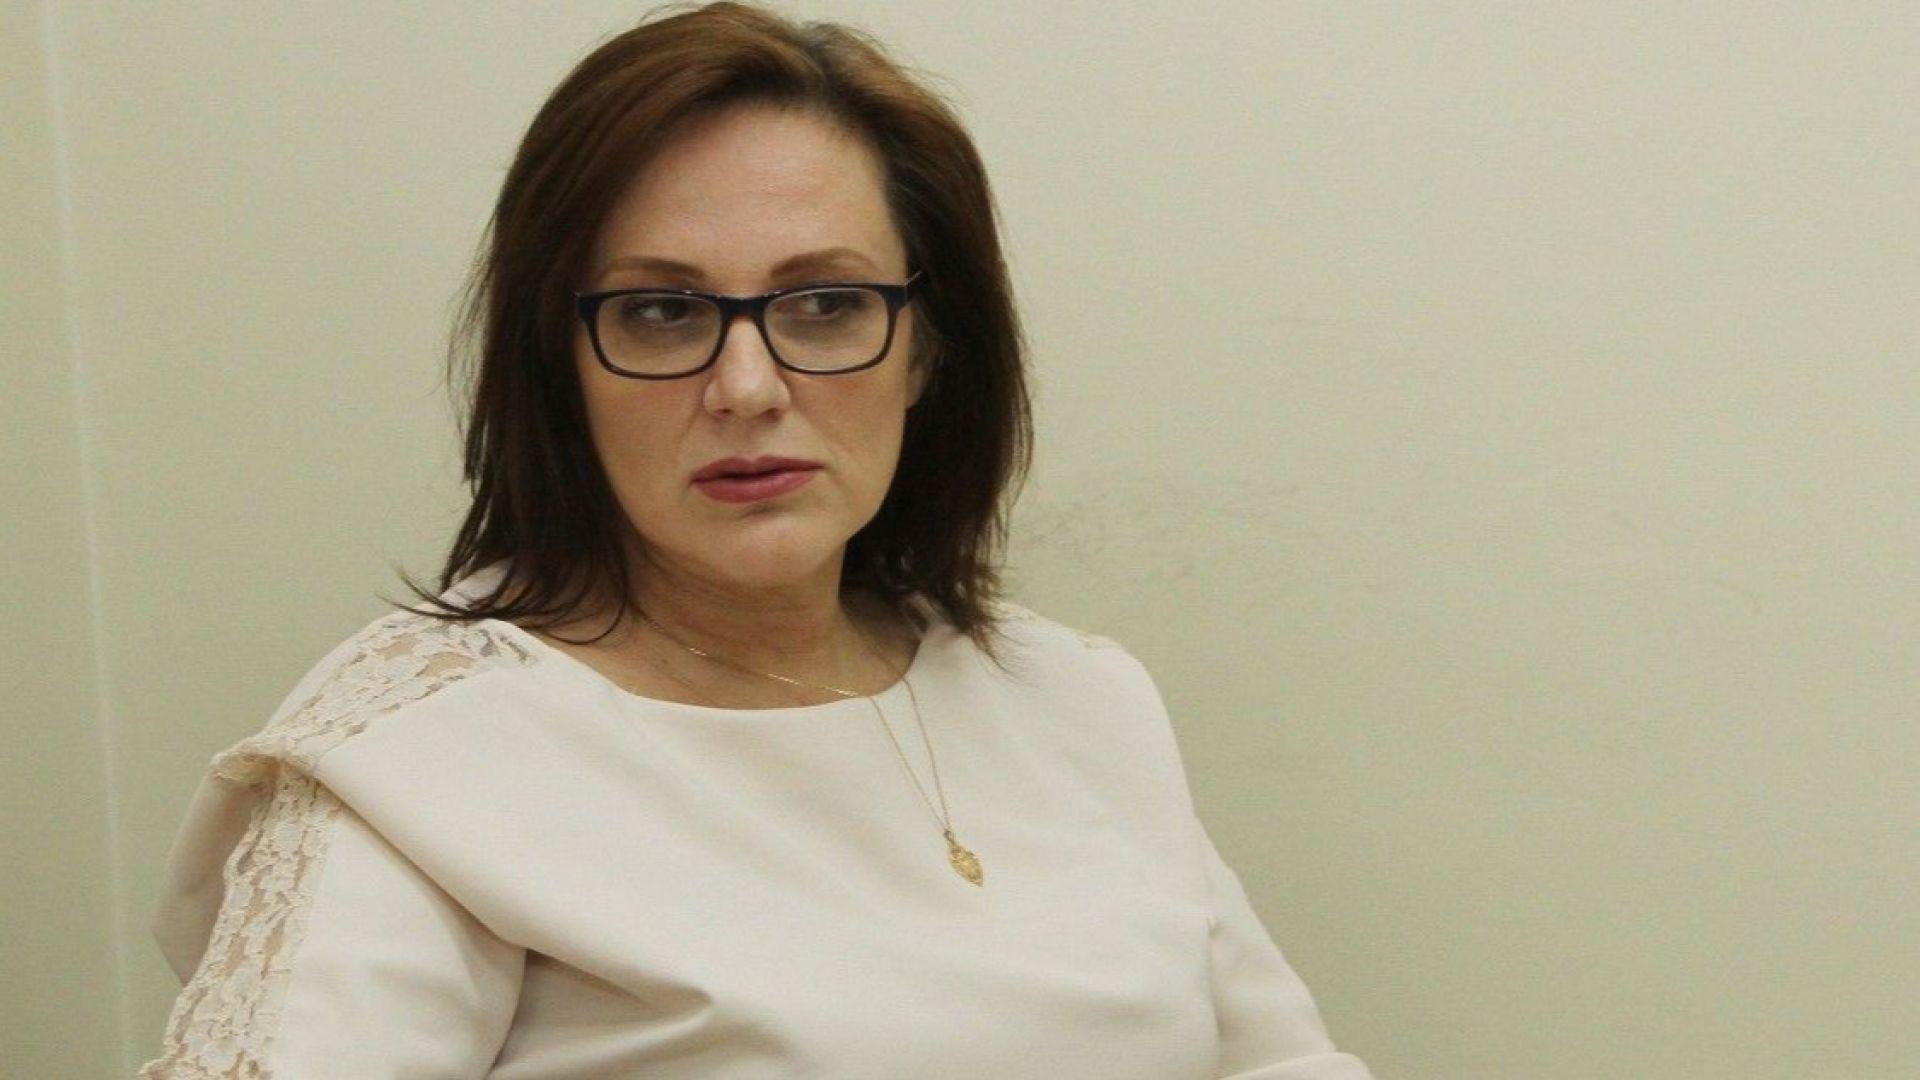 Д-р Цветеслава Гълъбова за Викторио: Той е тежък психопат, убил от злоба